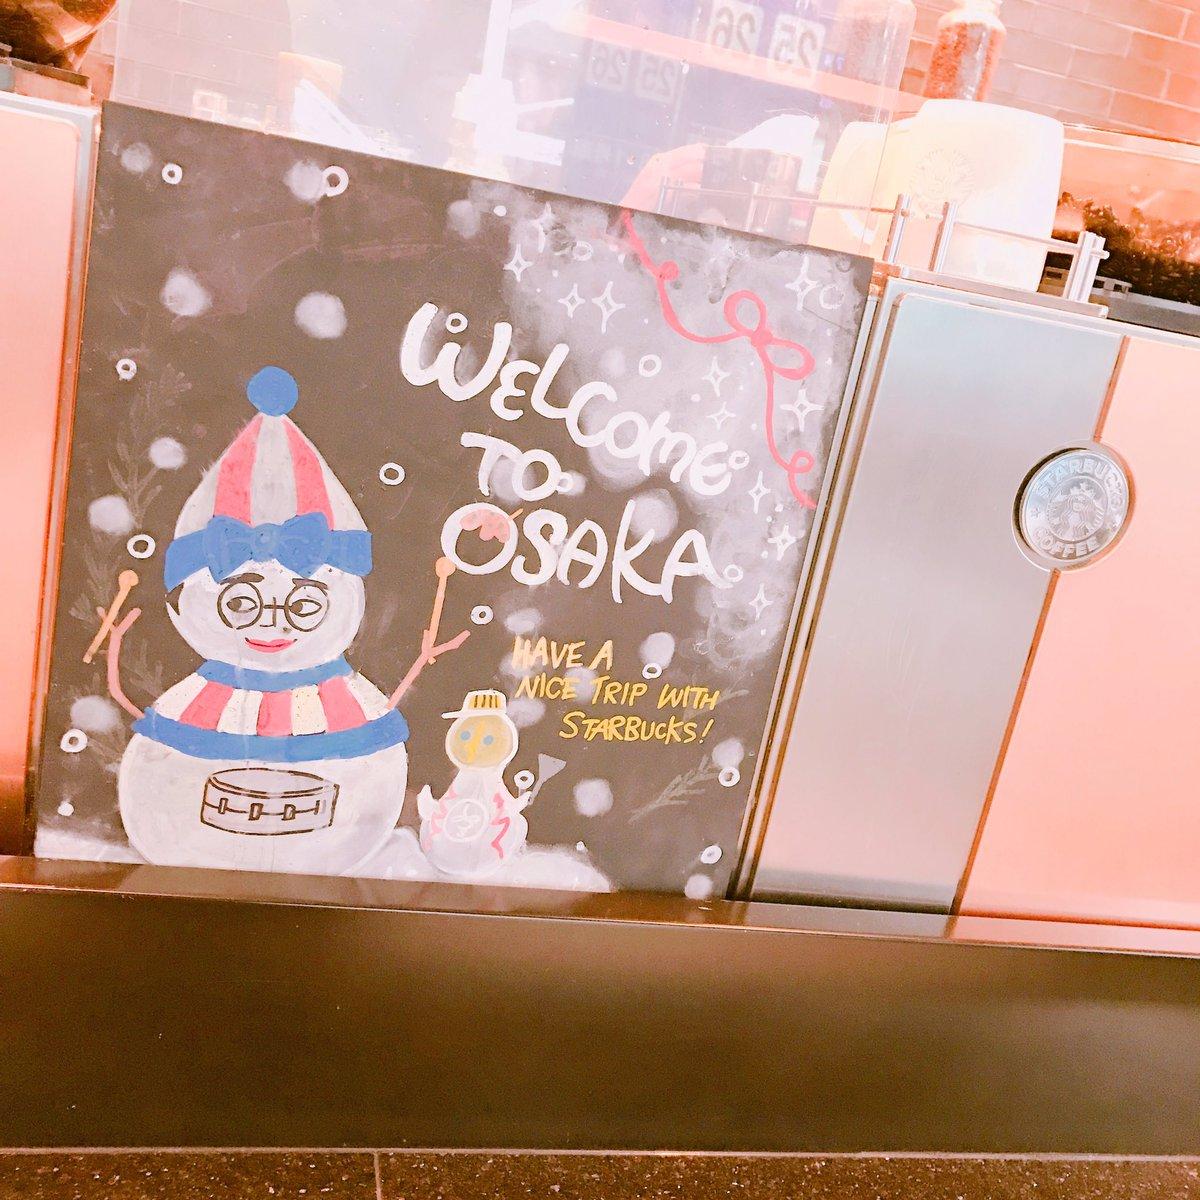 おはようかい! スタバによって、東京へ移動!!  可愛い絵がありました❤️